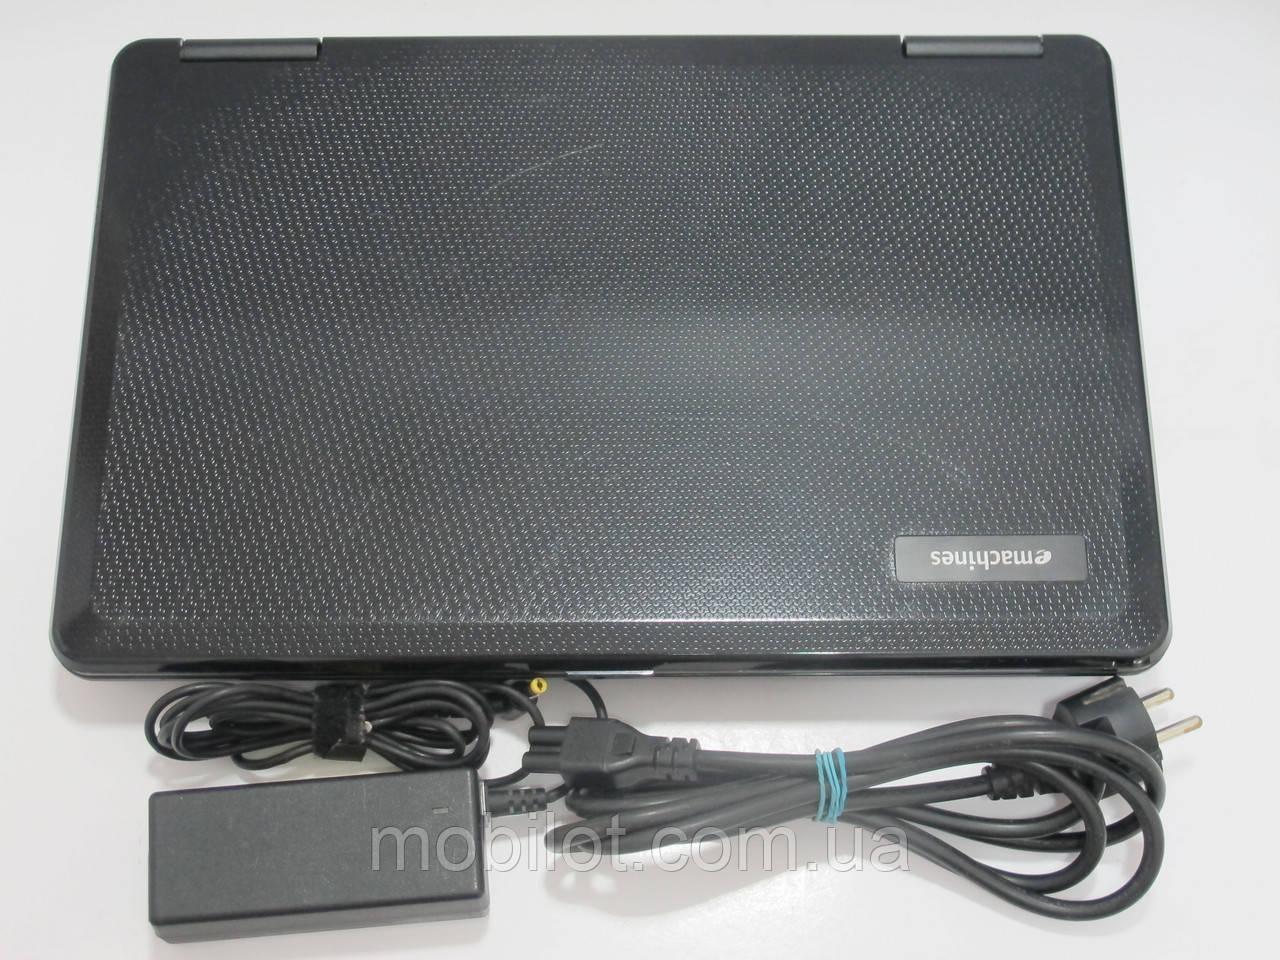 Ноутбук Acer eMachines E627 (NR-6831)